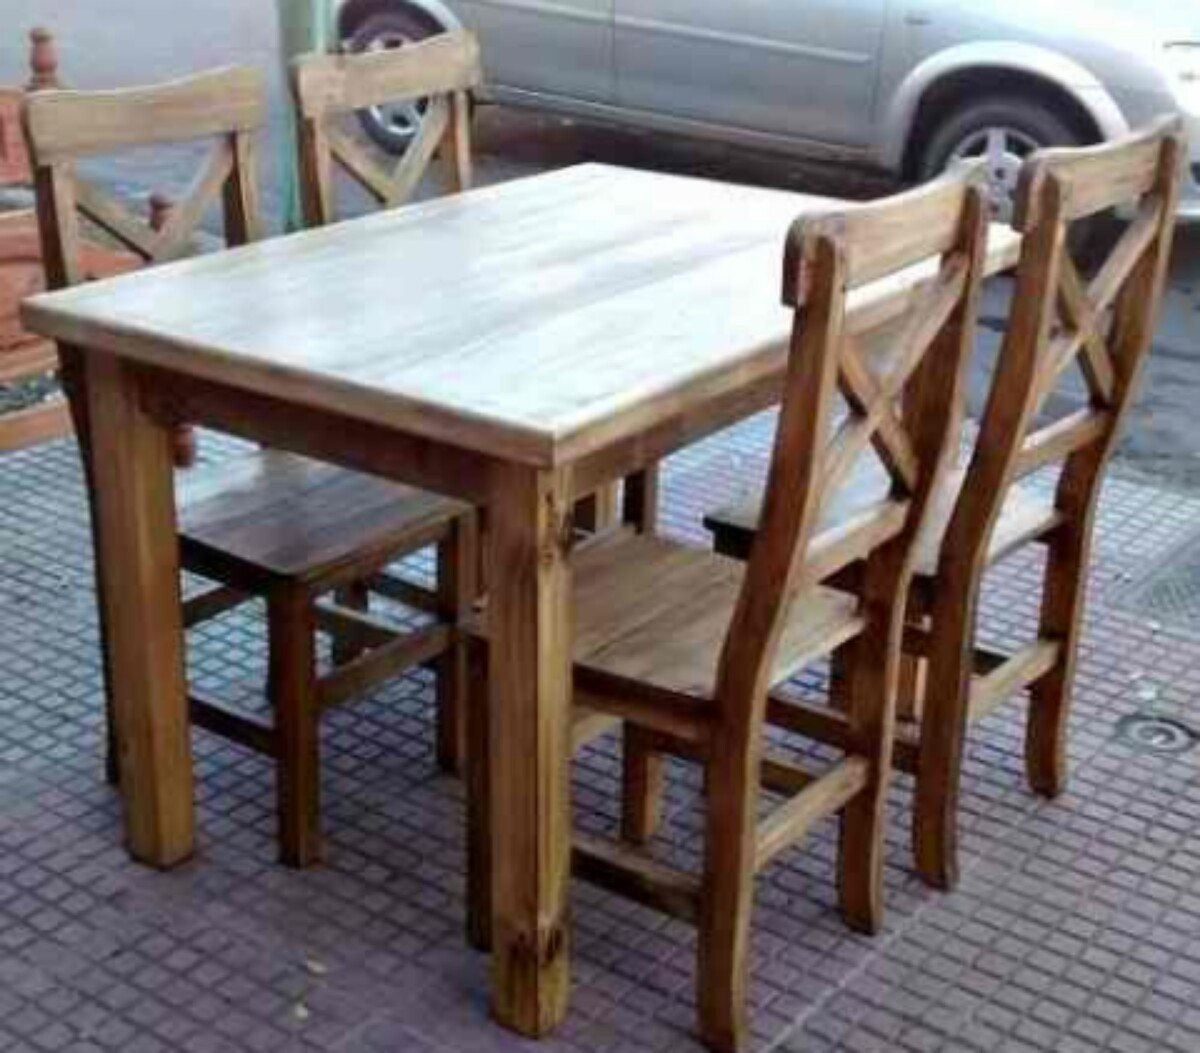 Sillas para mesa comedor rojo color roble de madera for Juego de mesa y sillas para cocina